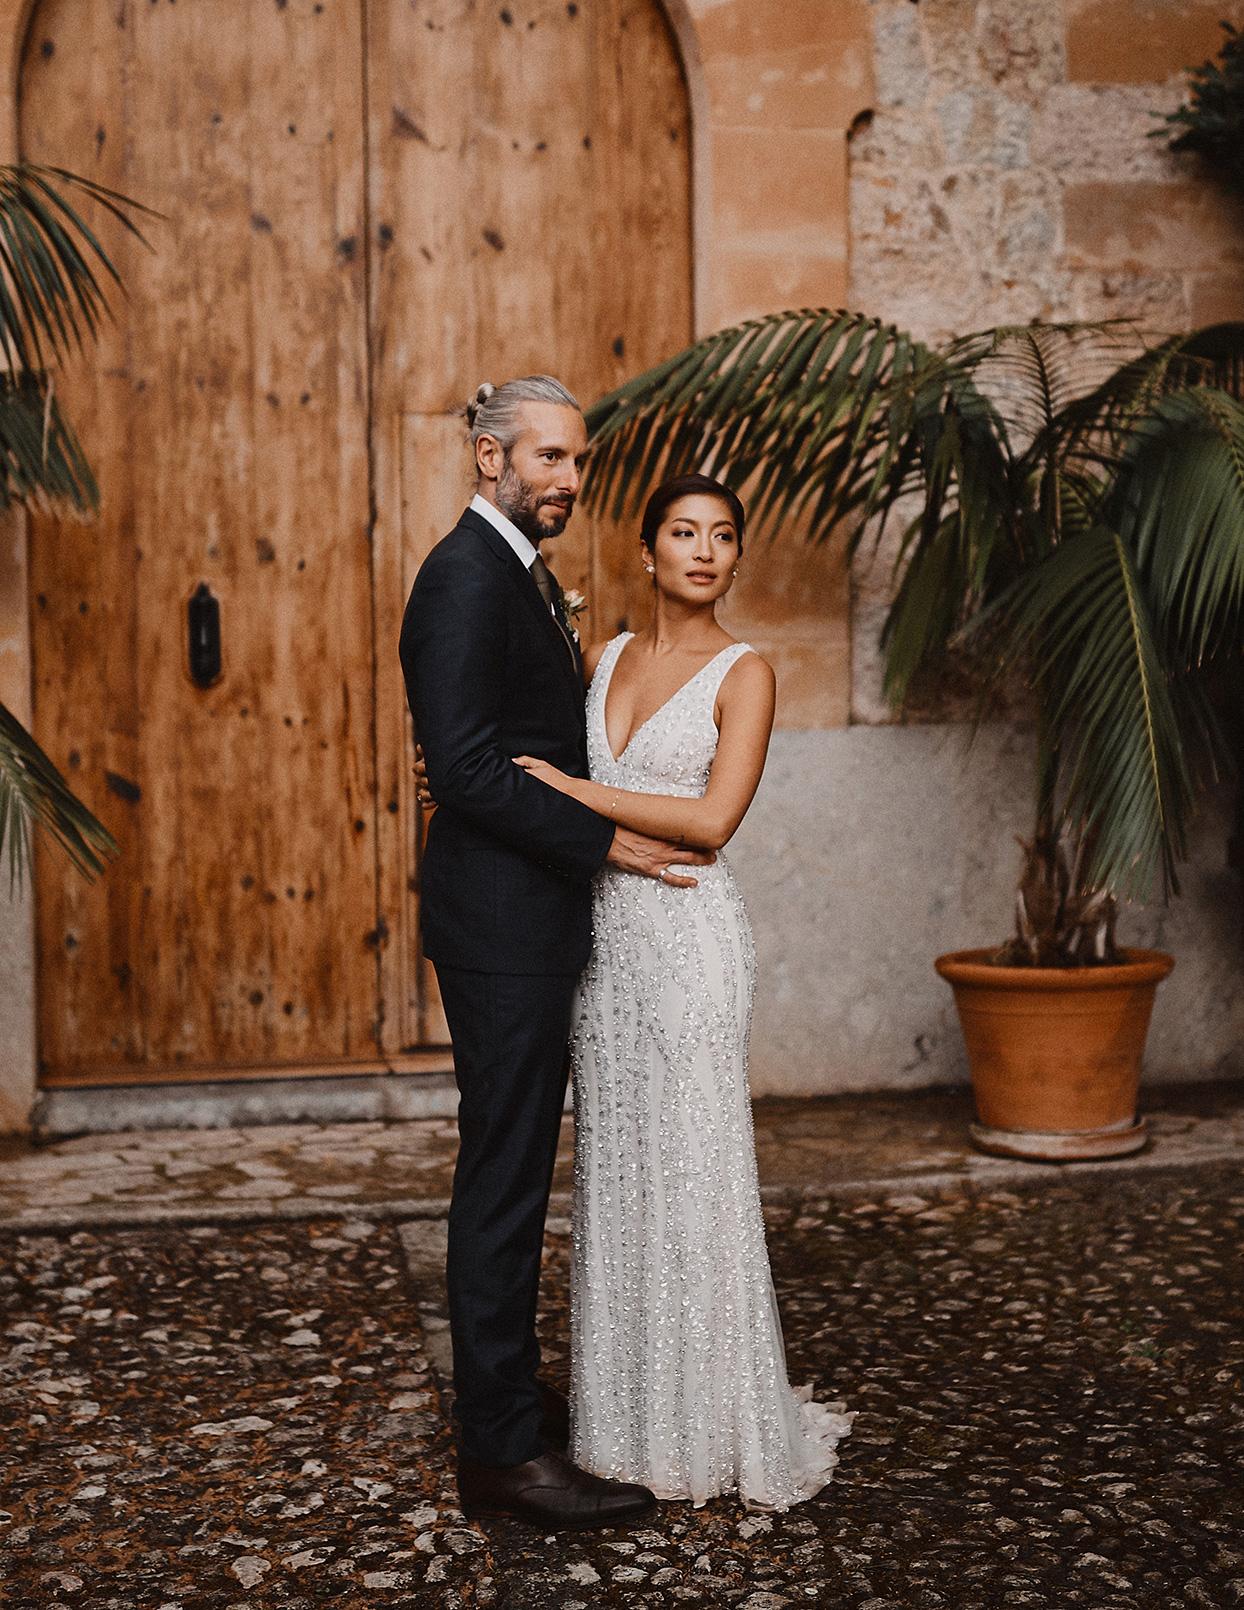 pomme daniel wedding couple in courtyard